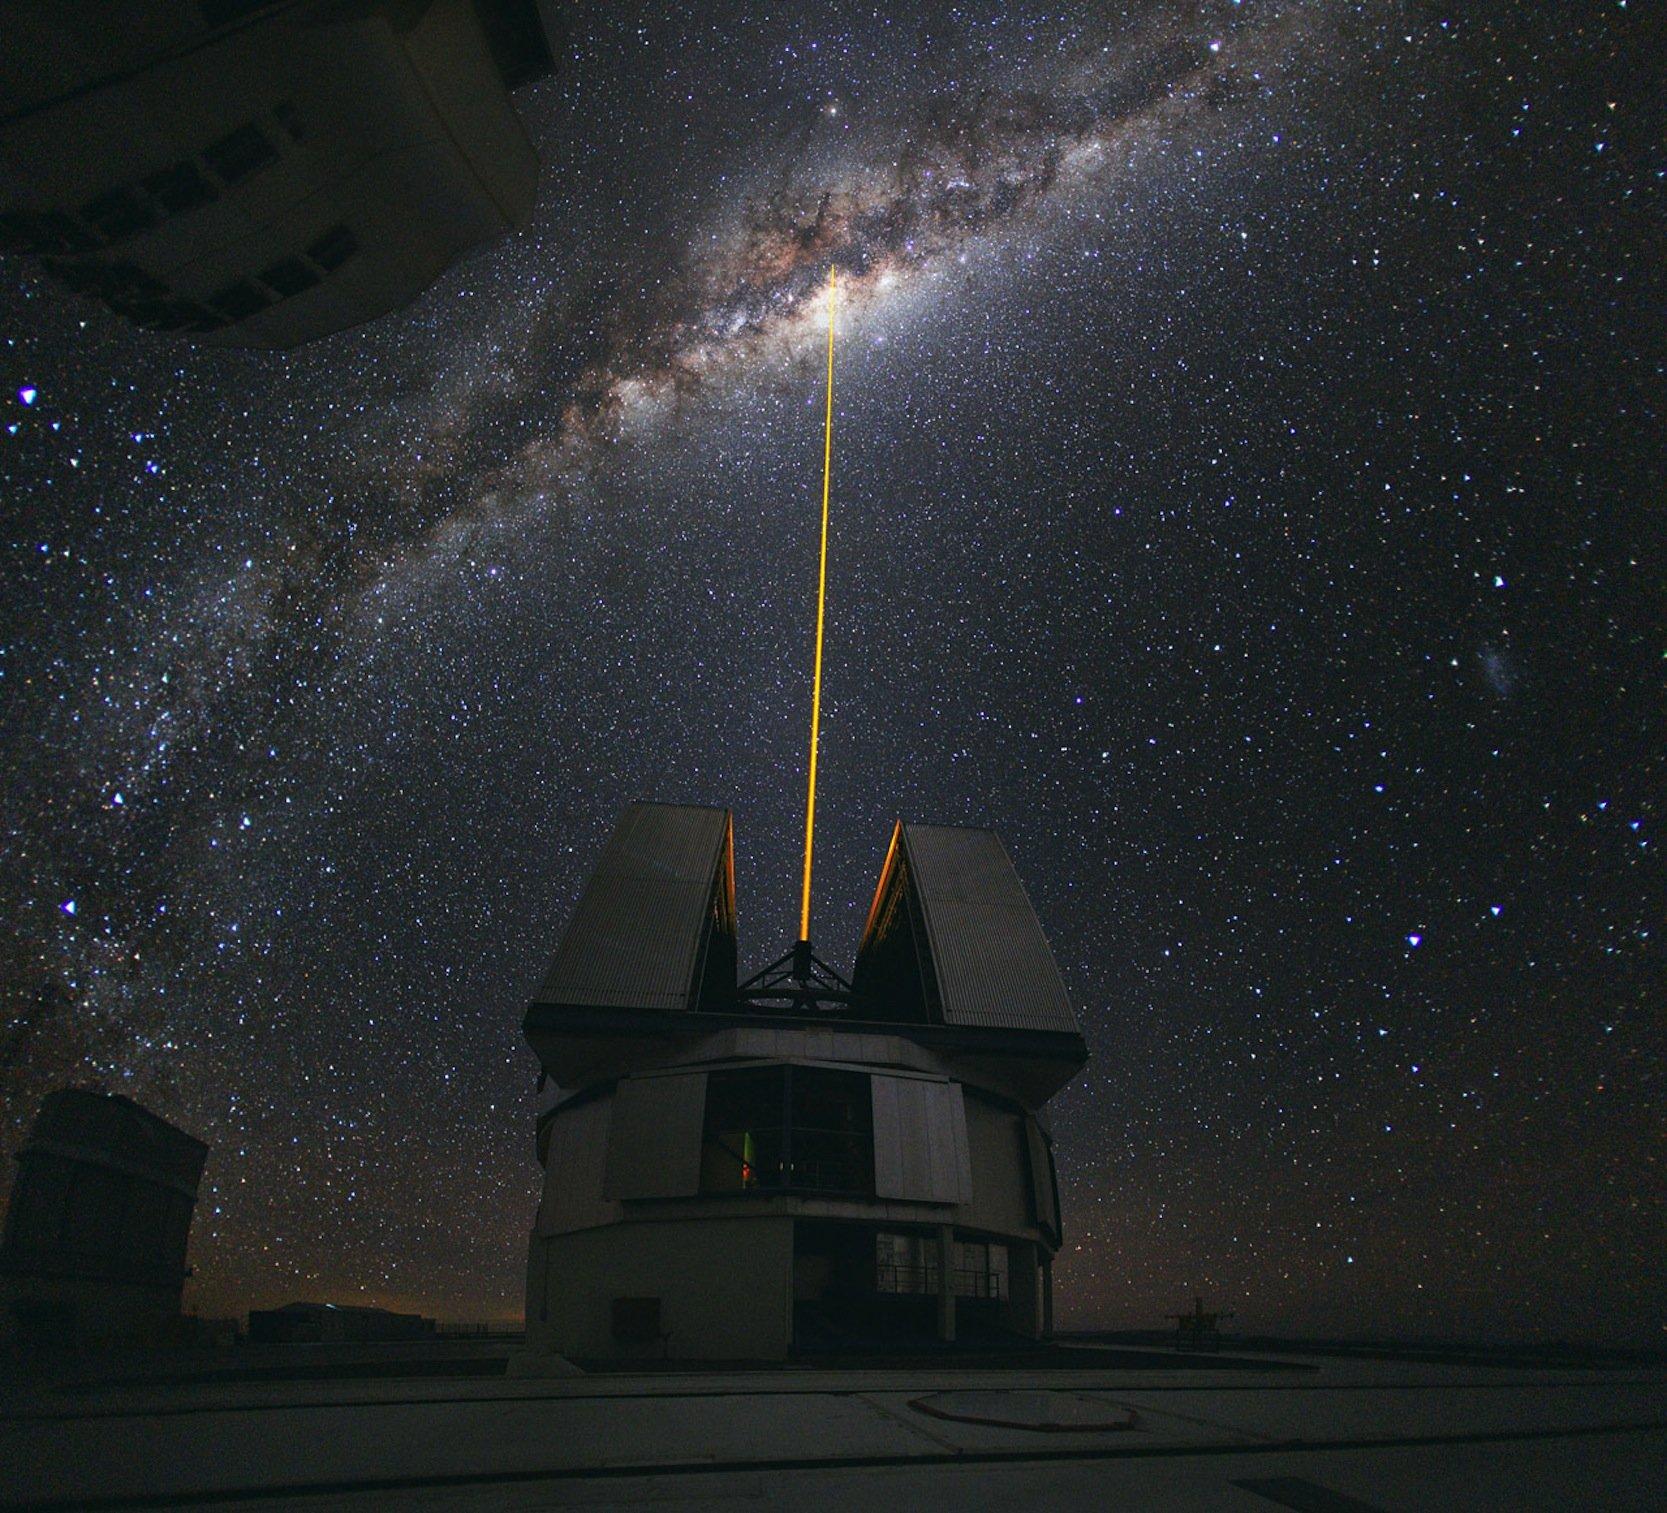 Mitte August 2010 konnte ESO-Fotograf Yuri Beletsky dieses beeindruckende Foto aufnehmen: Eine Gruppe von Astronomen beobachtete zu diesem Zeitpunkt das Zentrum der Milchstrasse mit Unterstützung der Laserleitsternsystems Yepun, einem der vier Hauptteleskope am Very Large Telescope (VLT).